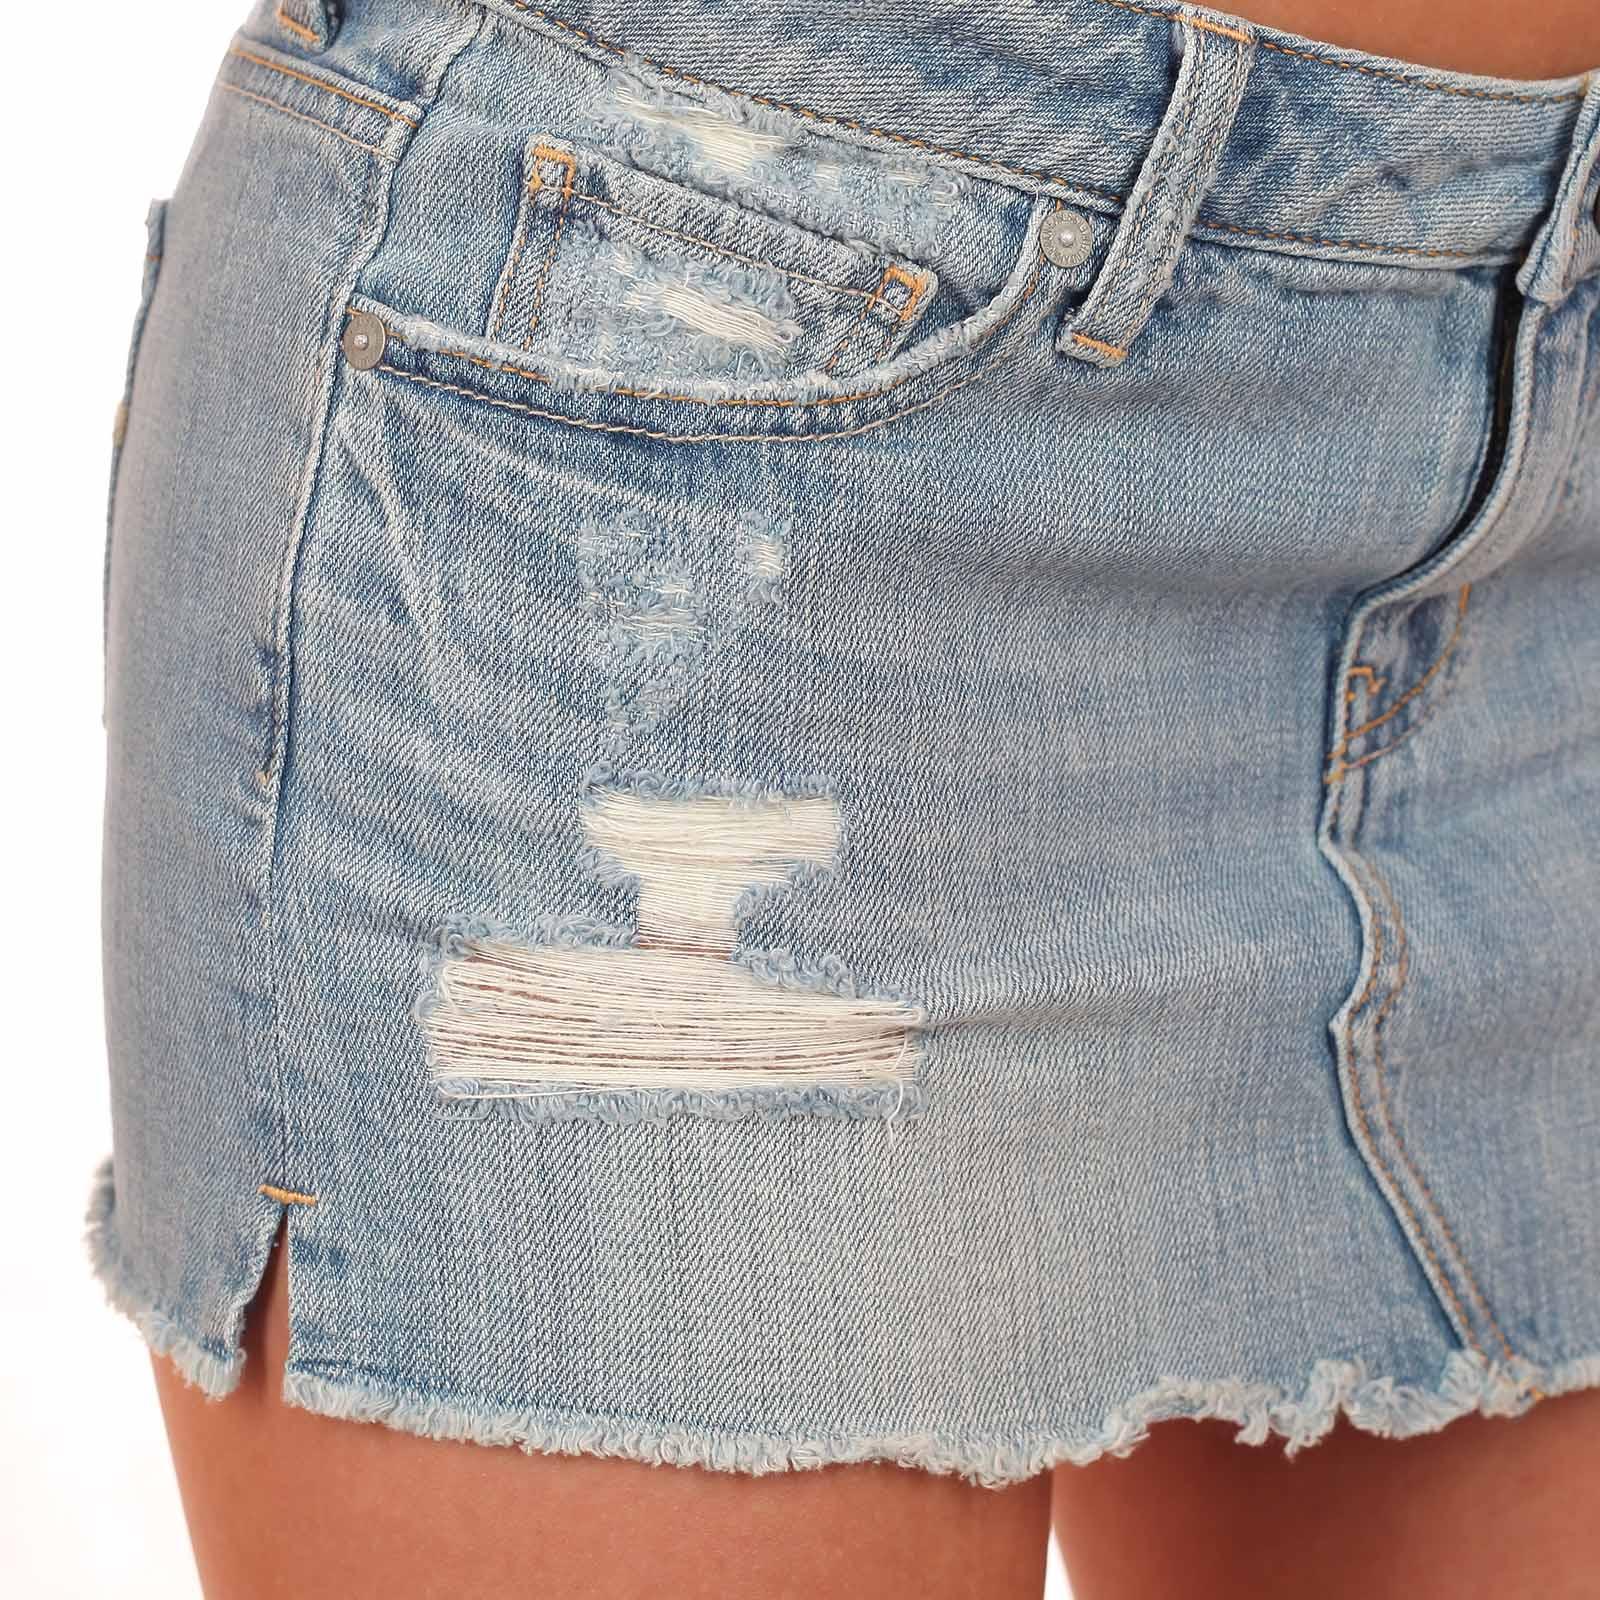 Лучшая джинсовая юбочка в твоем городе от American Eagle®. ОСТОРОЖНО! Возбуждают мужчин!